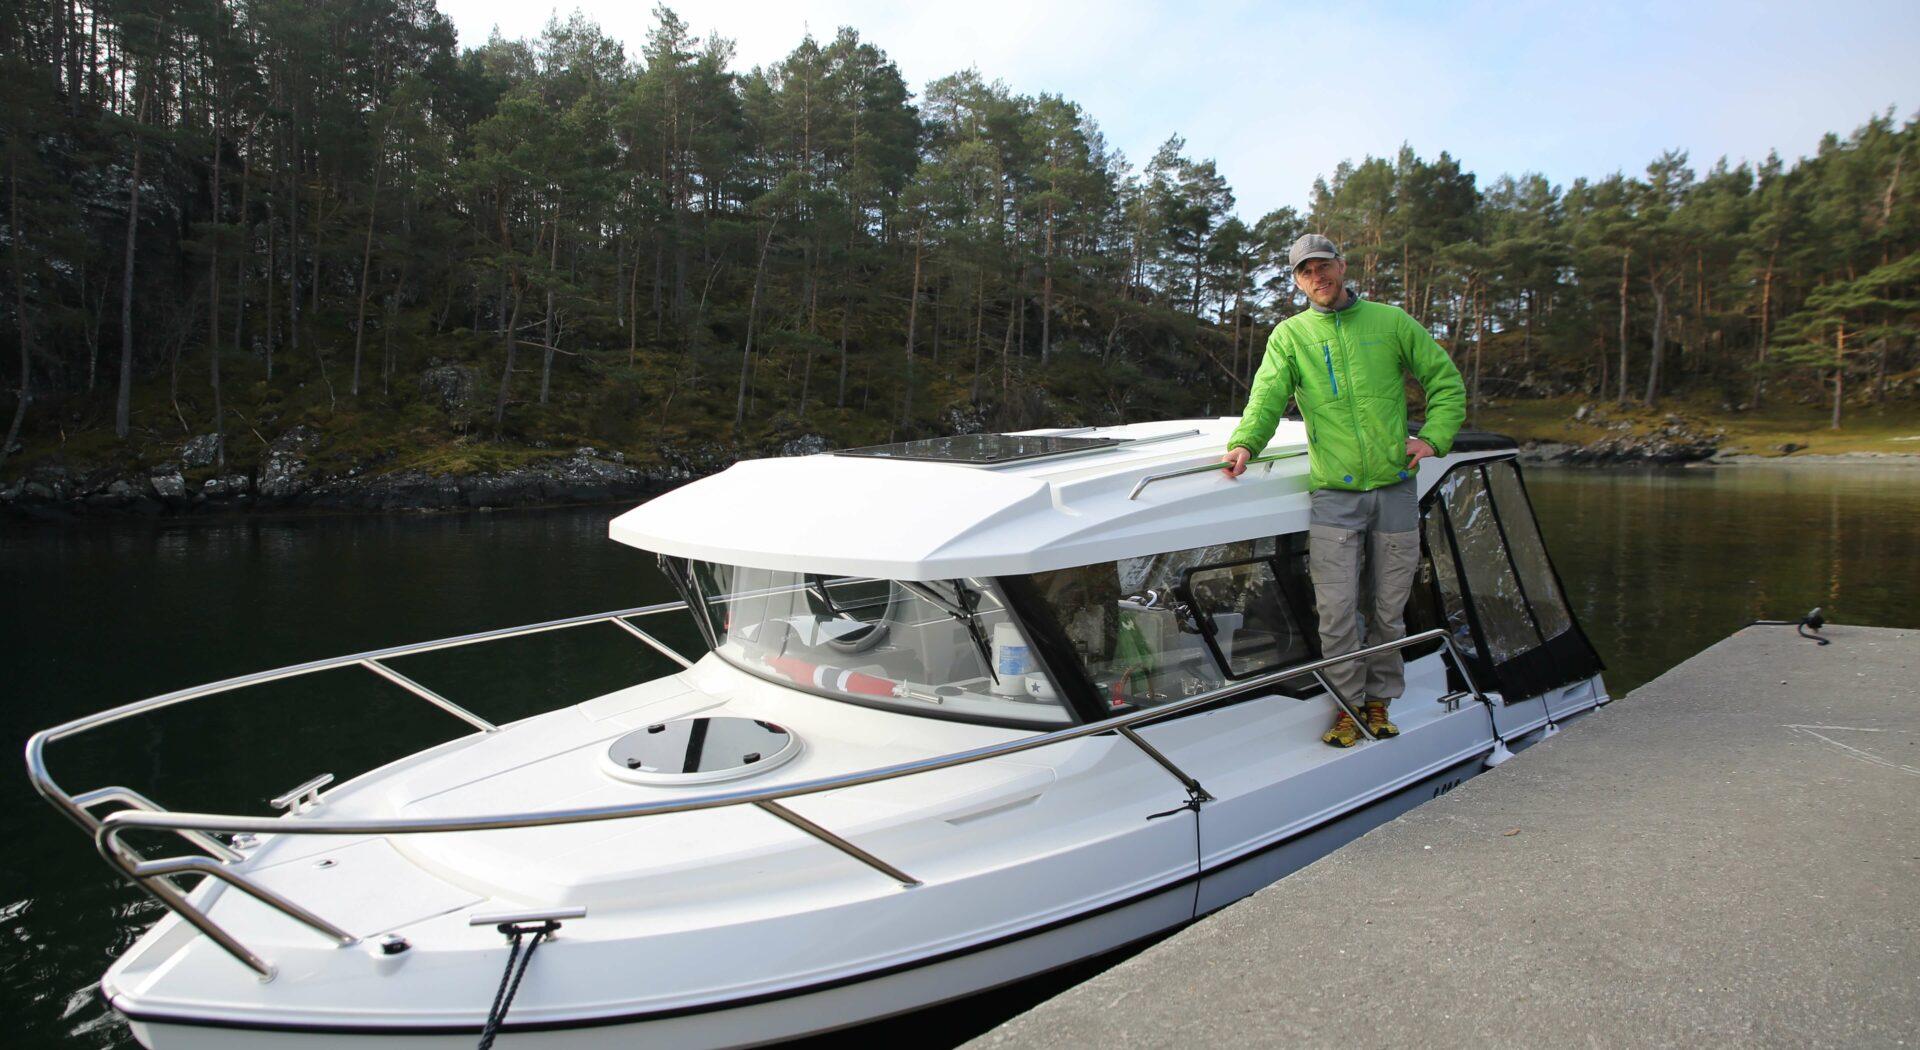 André med båten